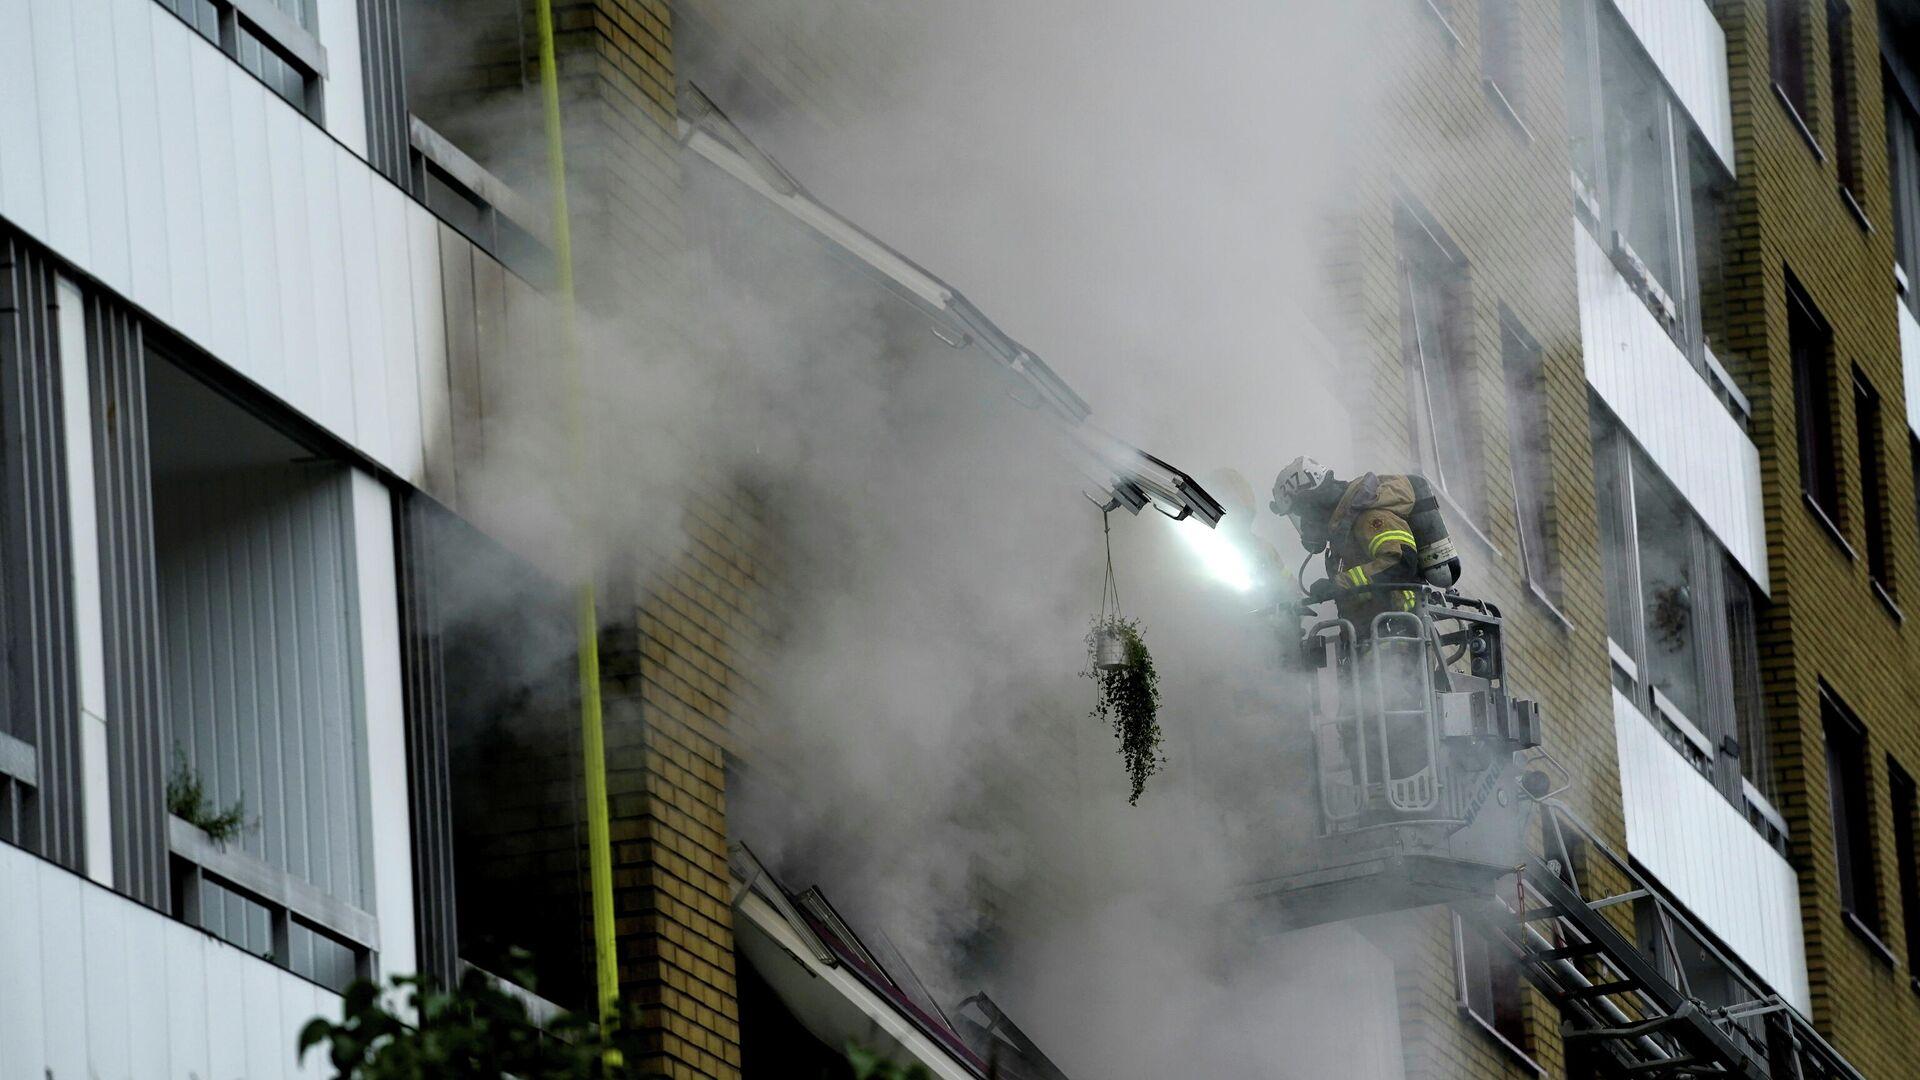 La explosión en un edificio de la ciudad sueca de Gotemburgo - Sputnik Mundo, 1920, 28.09.2021